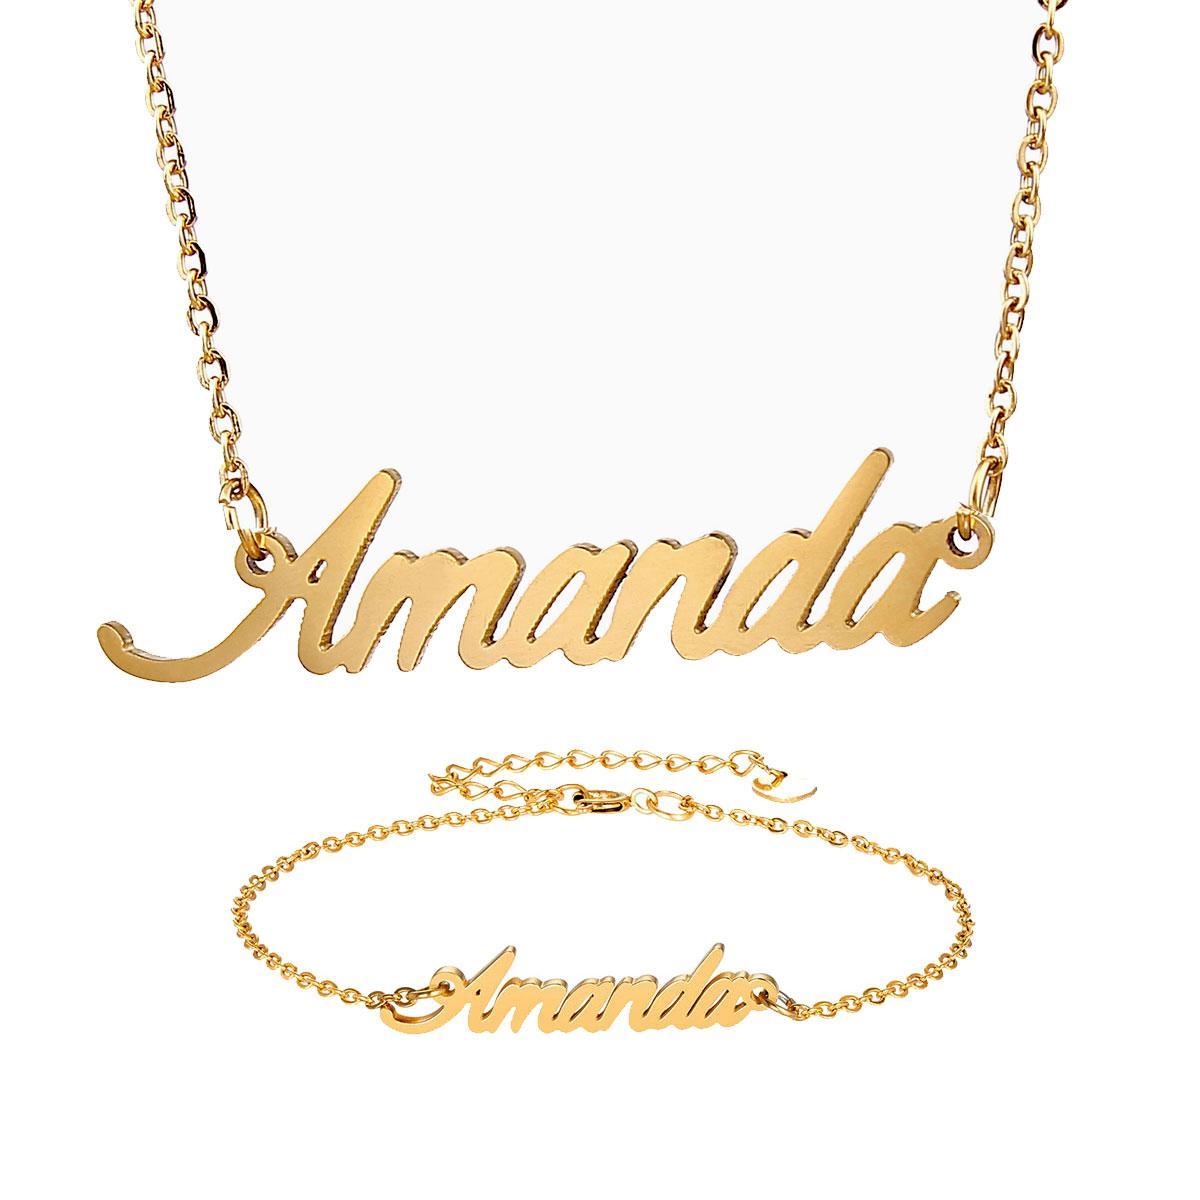 2b5bc7ab4d9b Compre Nombre De Acero Inoxidable De La Moda Collar + Pulsera Set Para  Mujeres Amanda Script Carta De Oro Gargantilla Collar De Cadena Colgante  Placa De ...